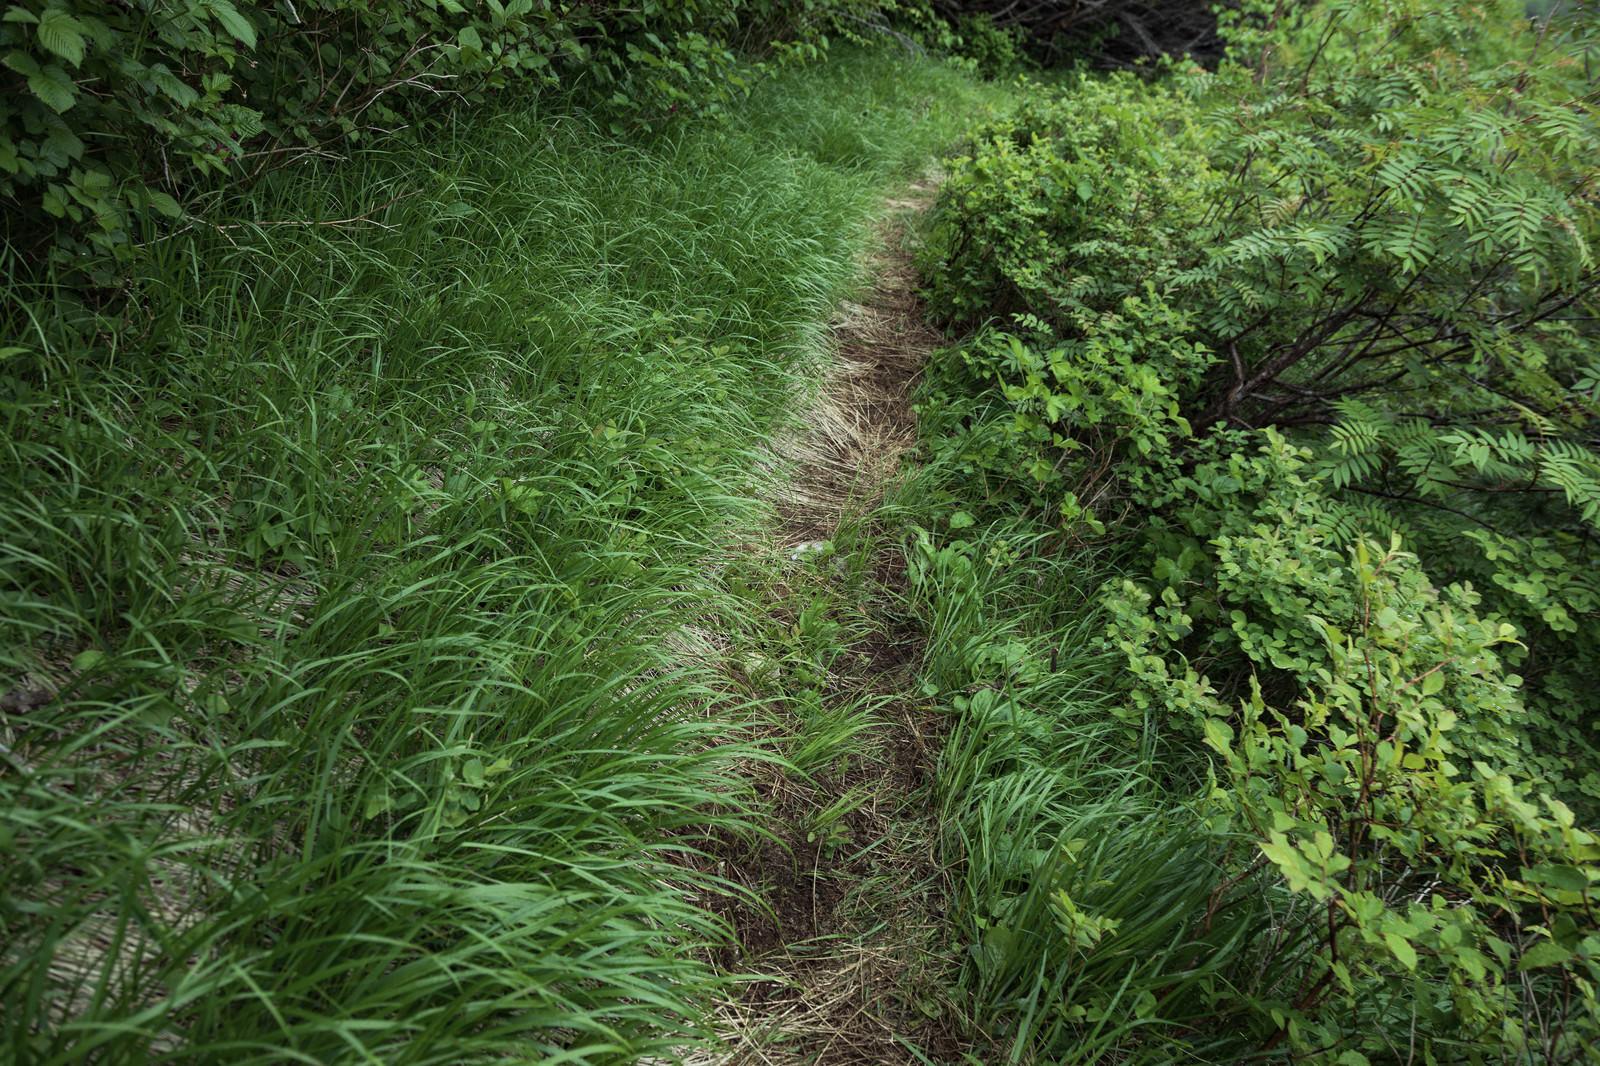 「草が生い茂る乗鞍新登山道」の写真